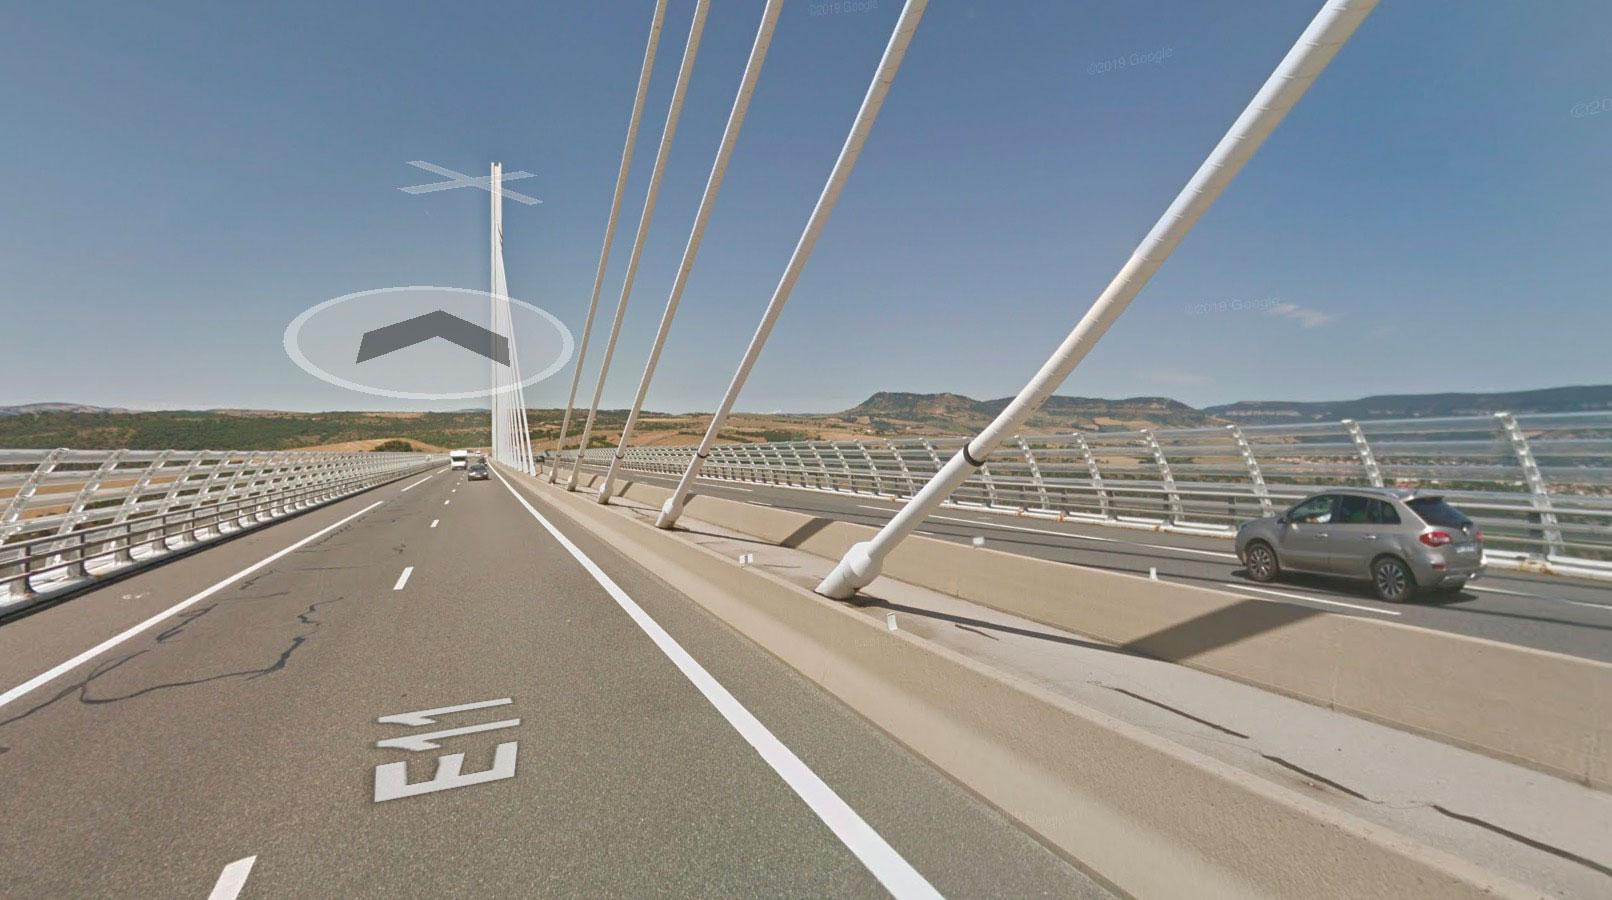 J'ai comme l'impression que le système de navigation de Google Maps est un peu en rade ici